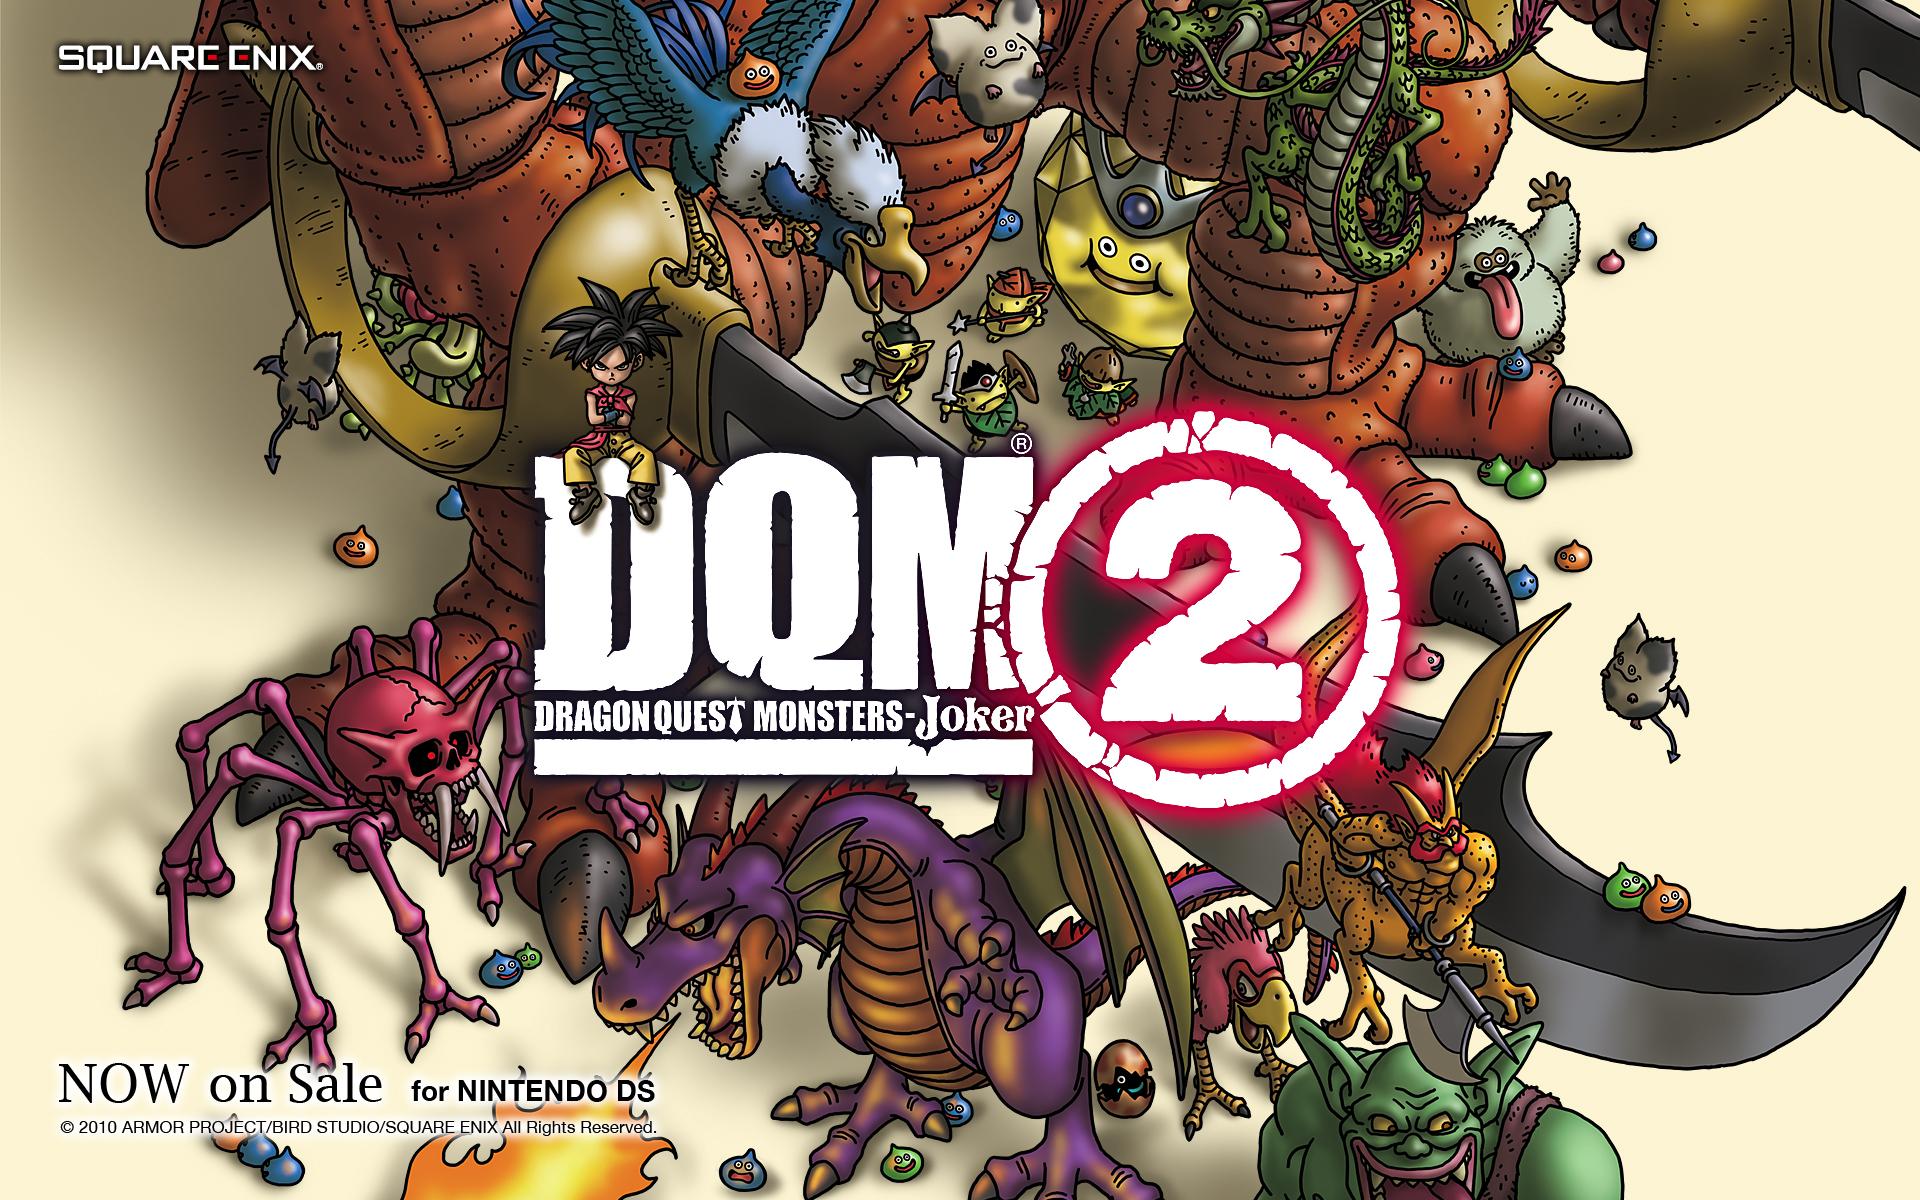 dragon quest monster joker 2 Dqmj2_1920_1200_02